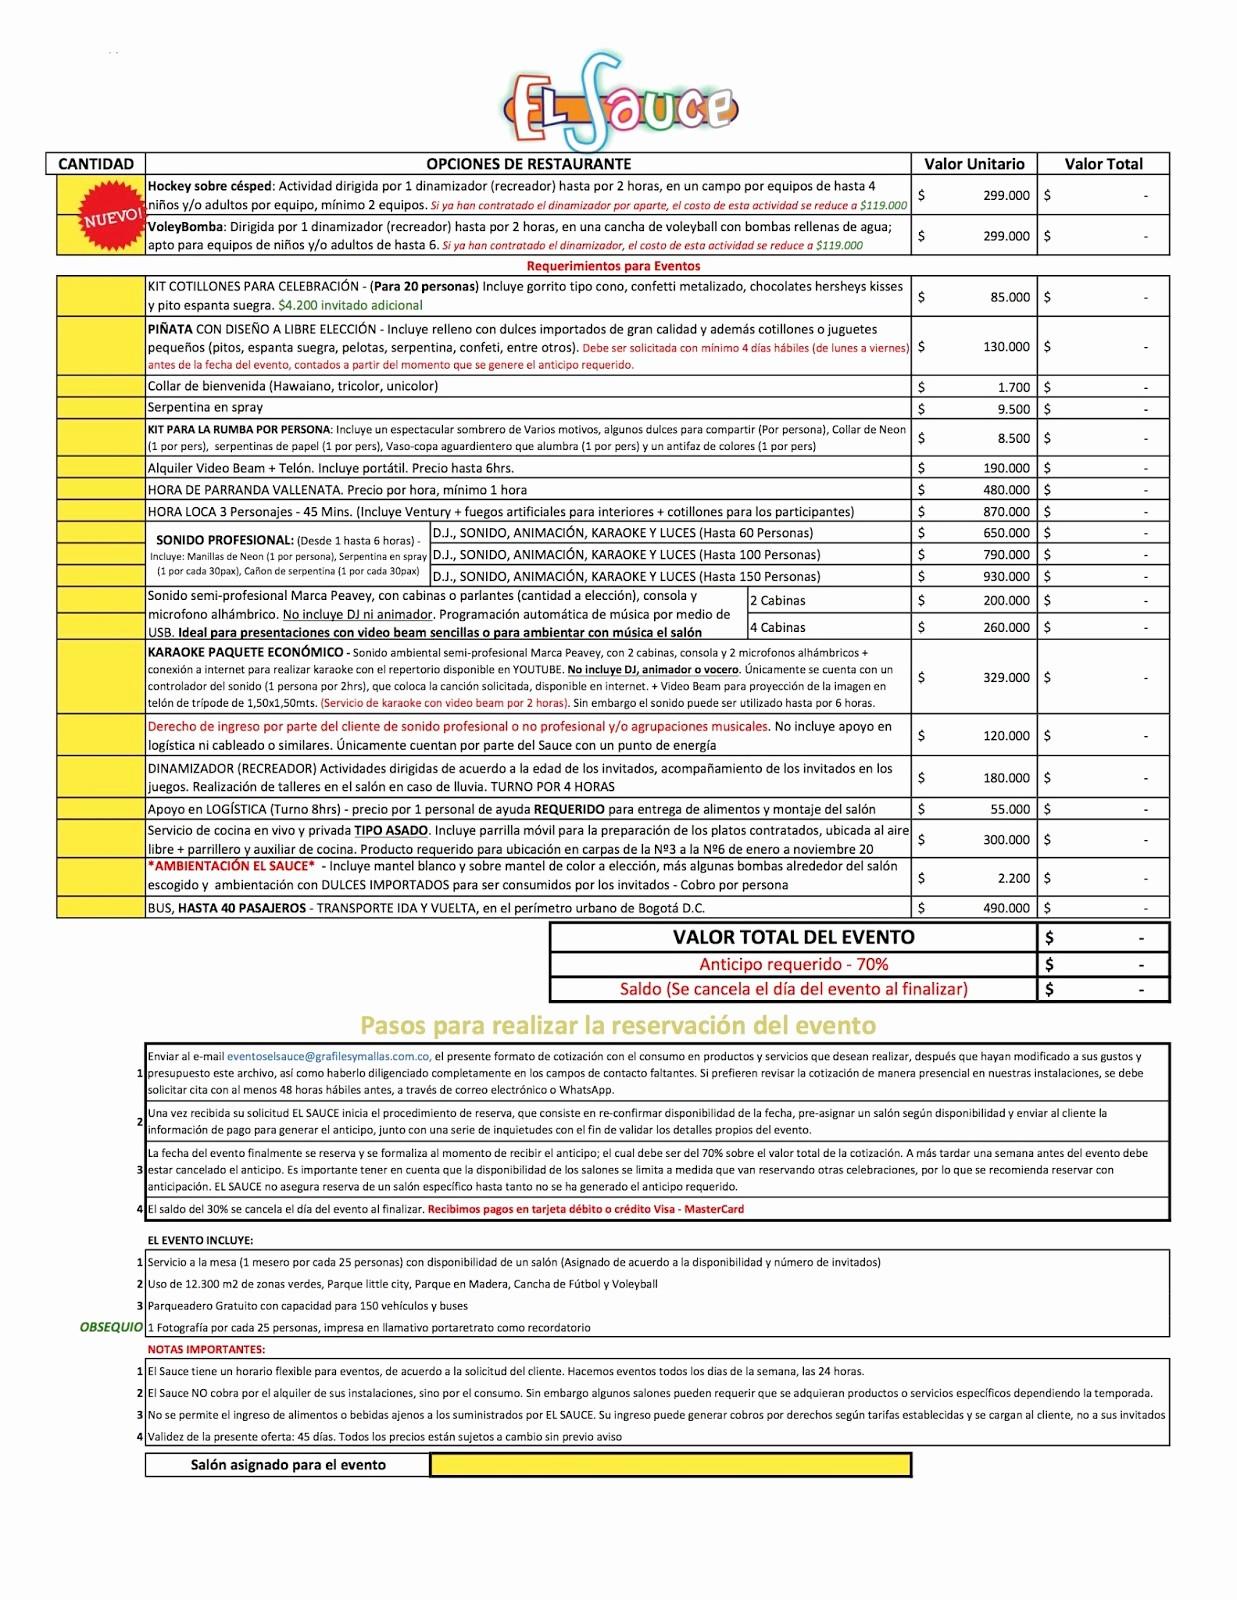 Formato De Cotizacion Para eventos Unique Centro De eventos Parque Restaurante El Sauce eventos